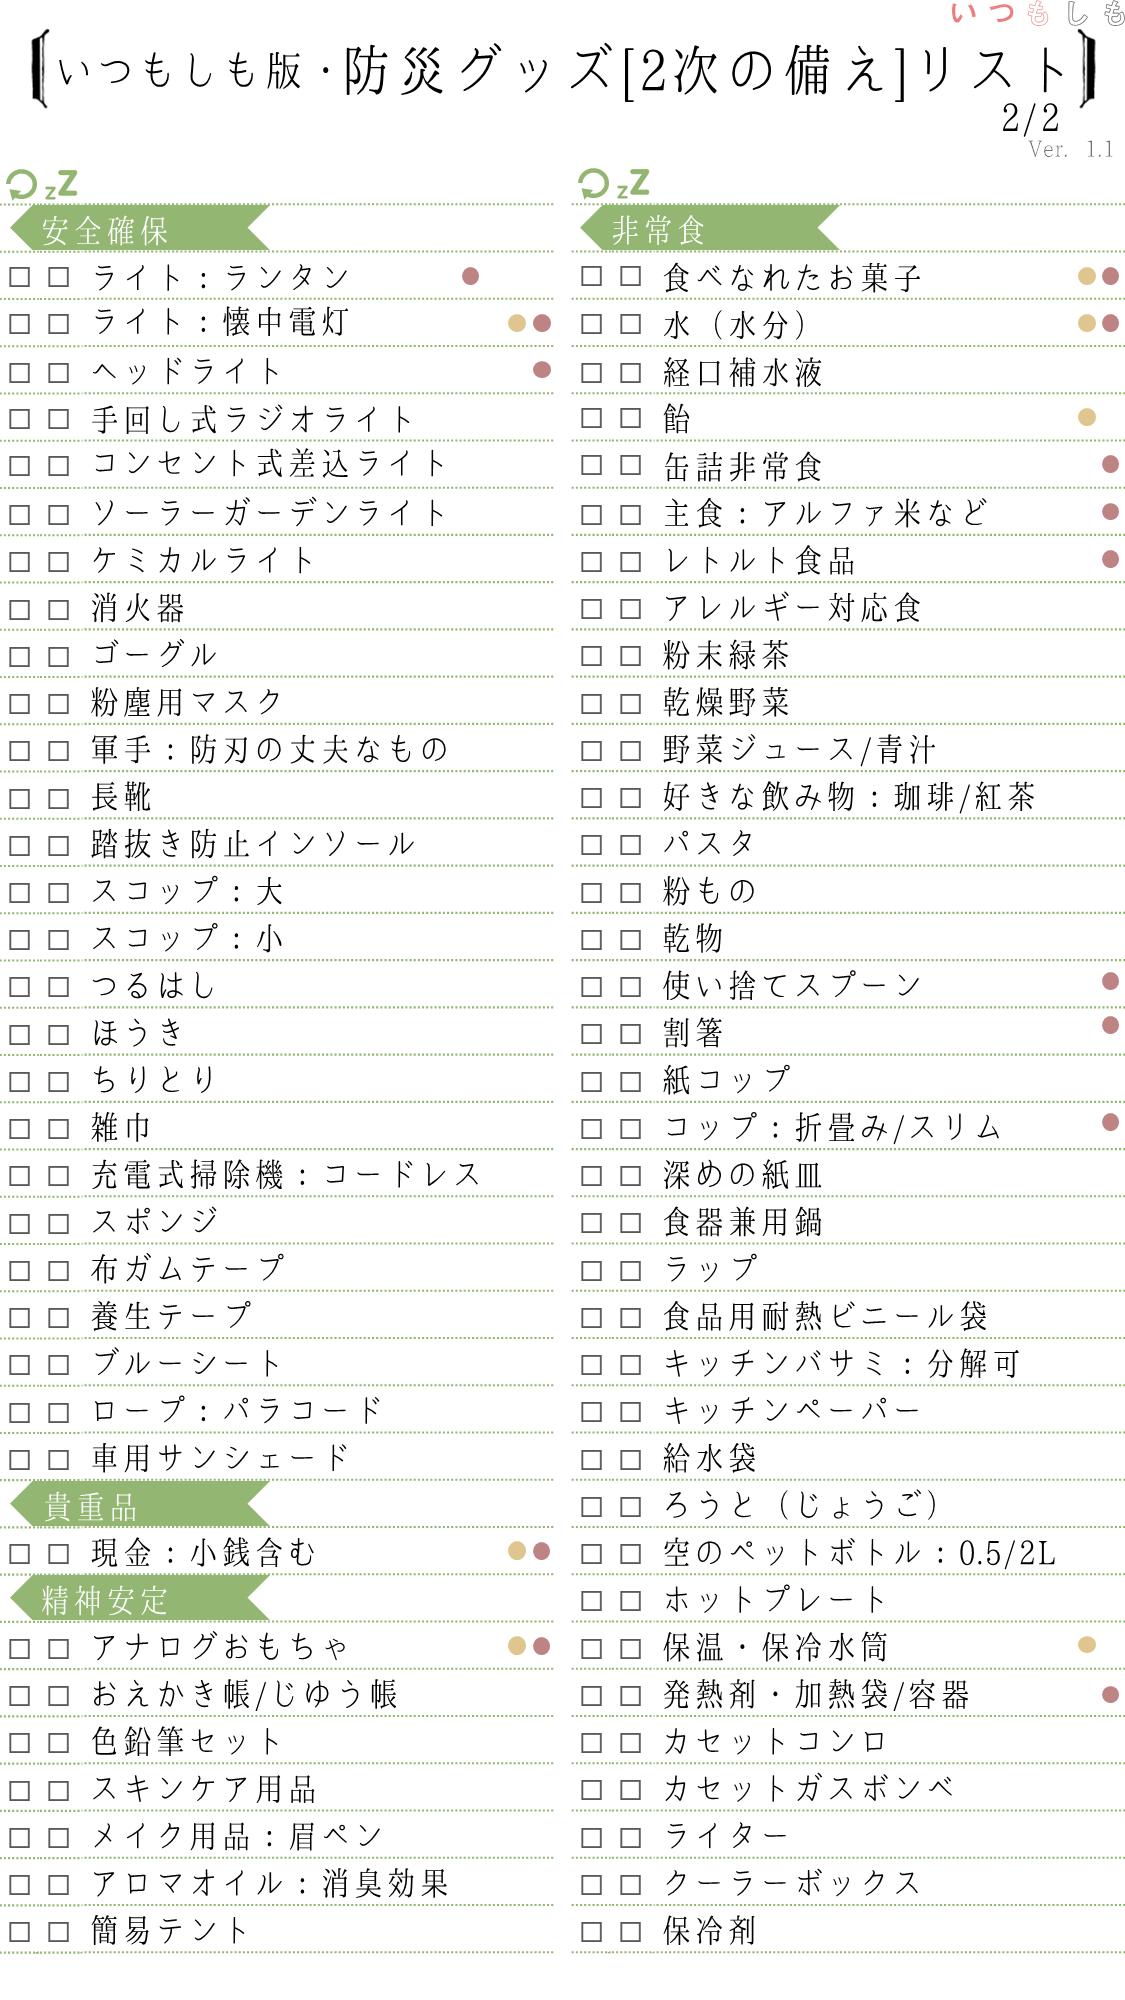 防災グッズ[2次の備え]チェックリスト2_1.1